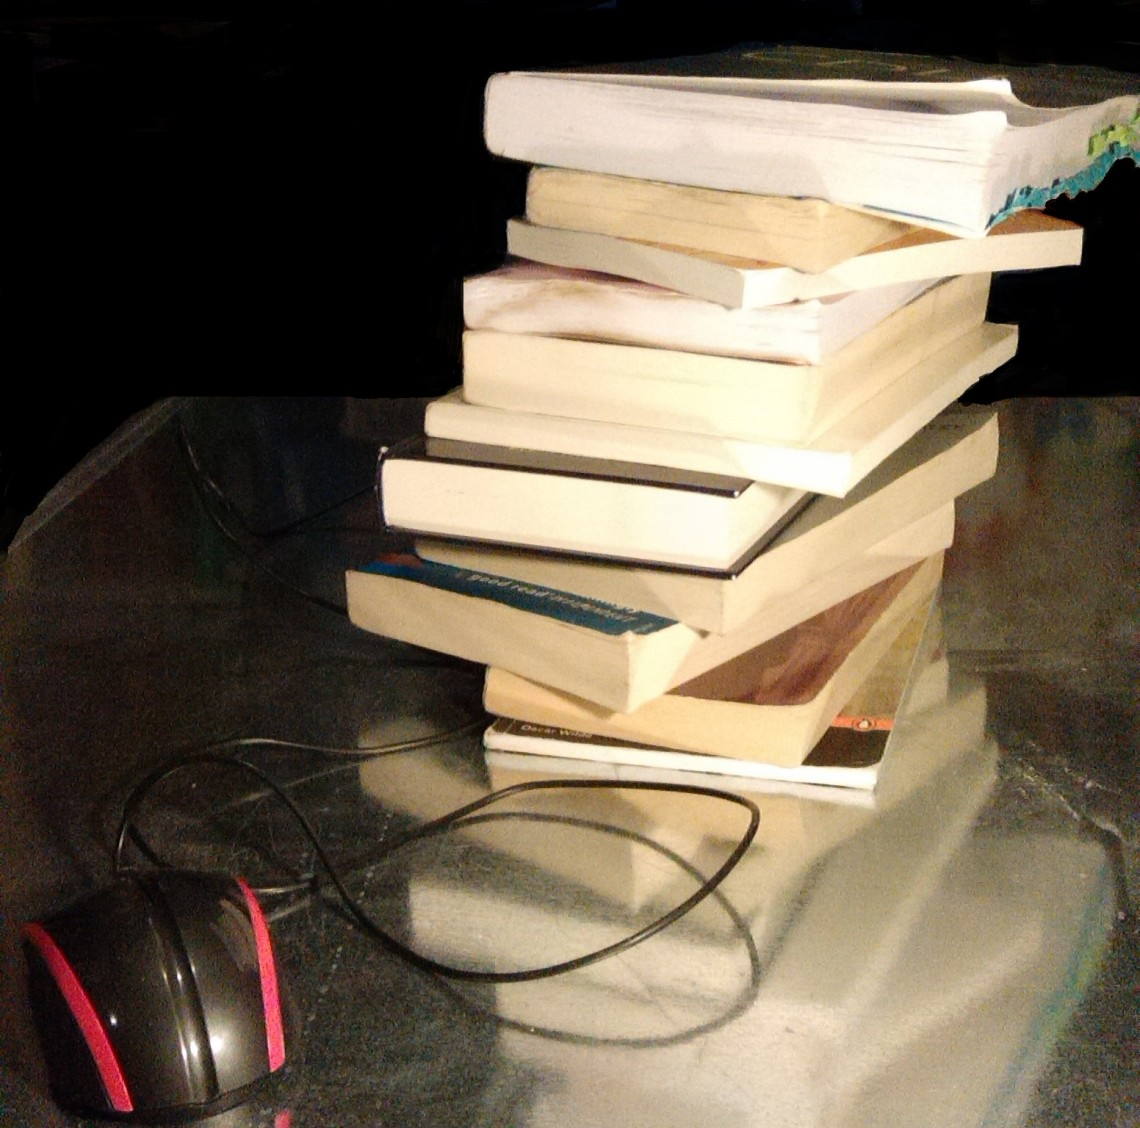 Comment rédiger vos références, petit guide pour citer correctement vos sources